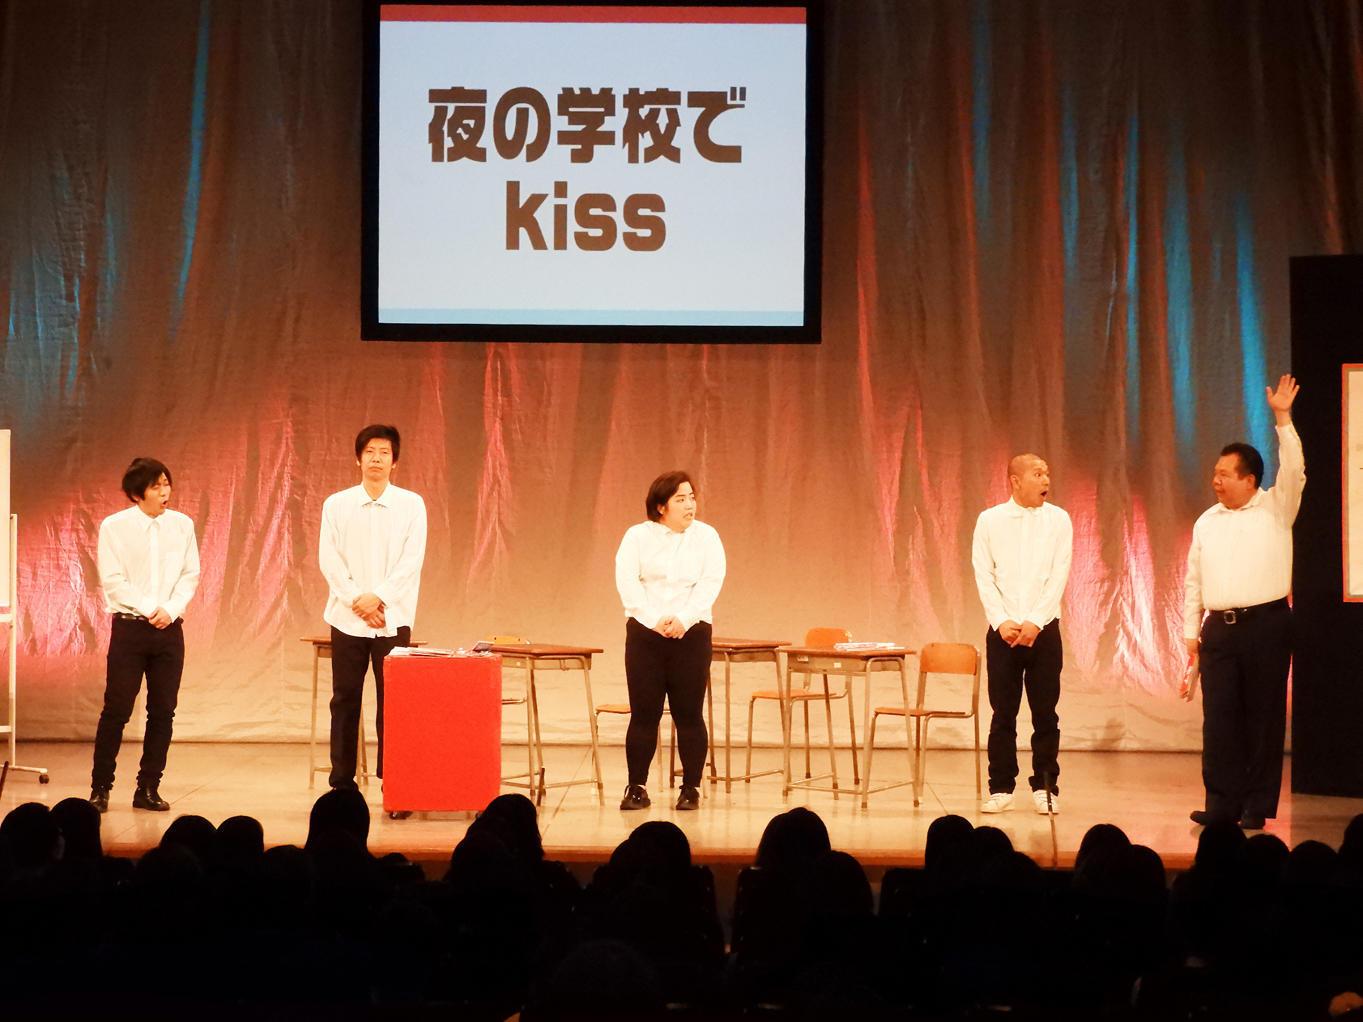 http://news.yoshimoto.co.jp/20180312104413-ebb61b3bea77575b03a734b638fa7755c3c8d457.jpg